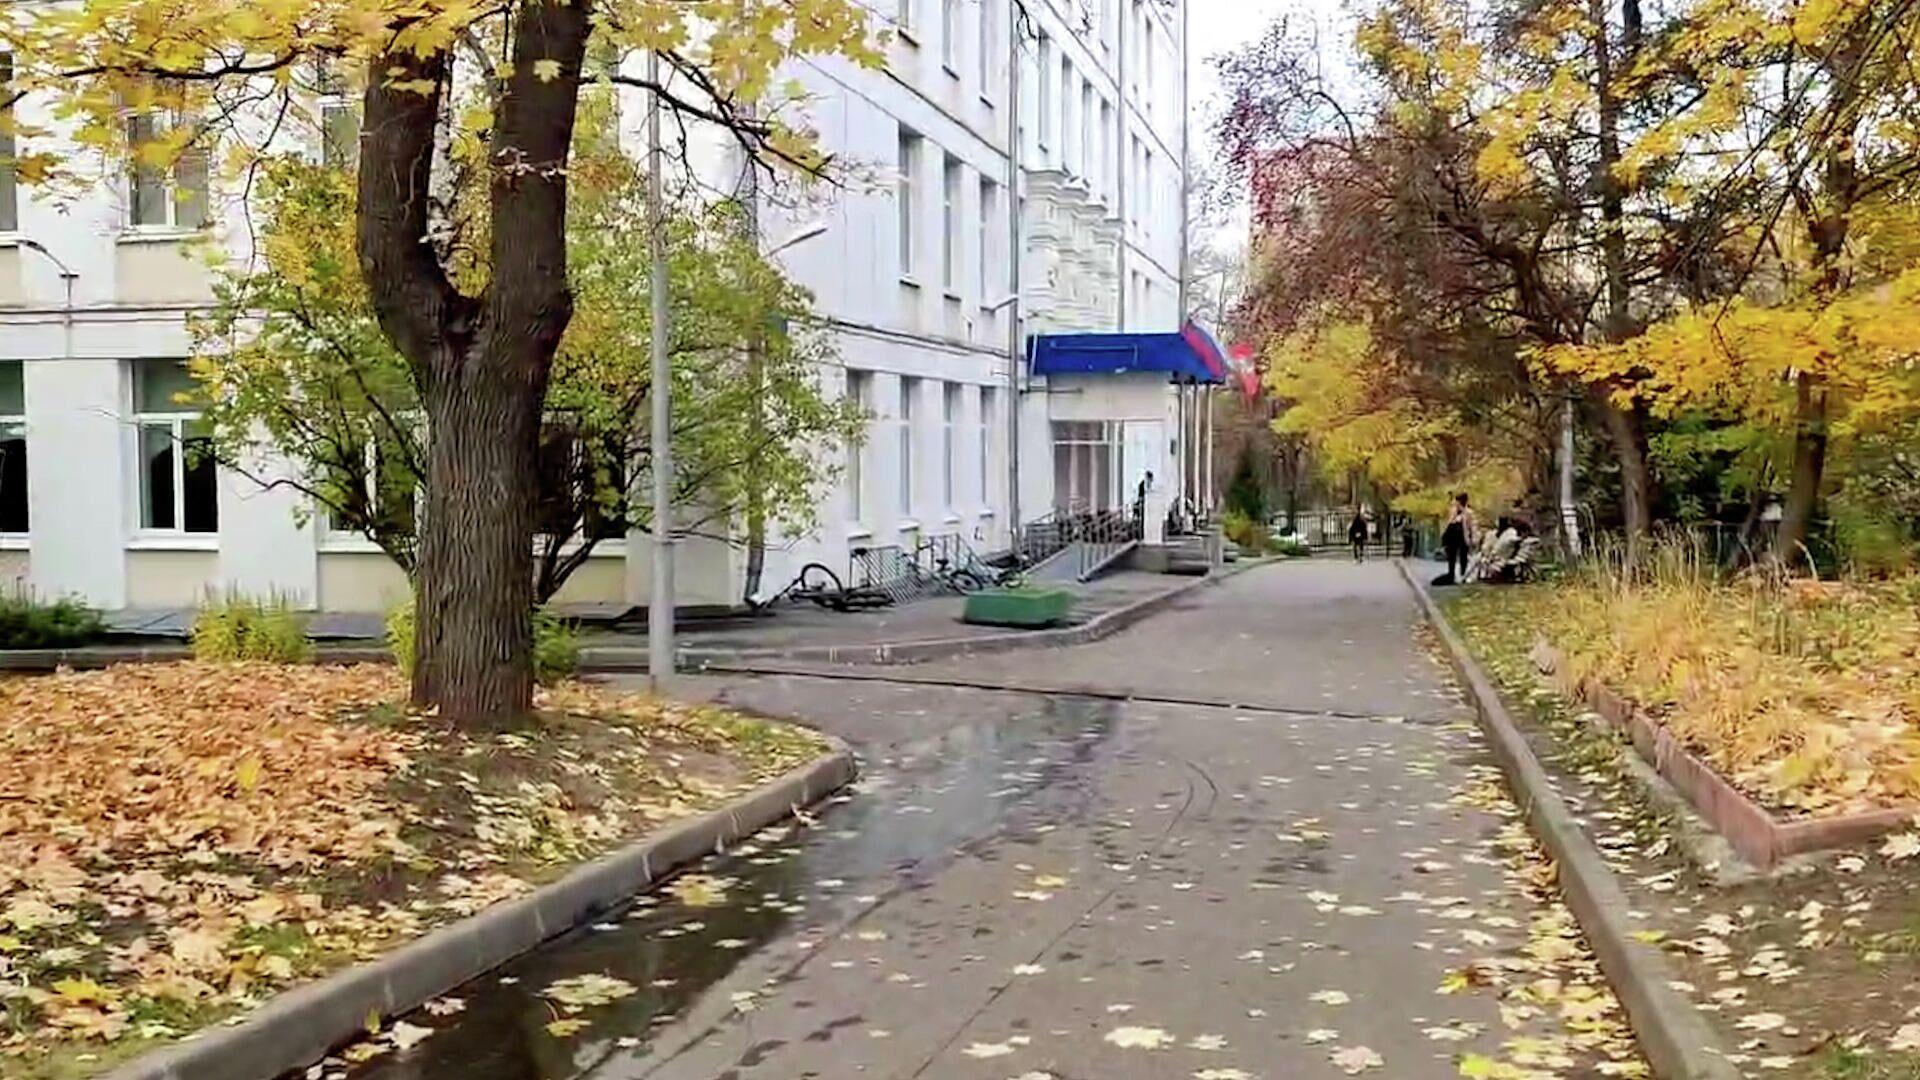 Кадры школы в Москве, где молодой человек открыл стрельбу - РИА Новости, 1920, 13.10.2021